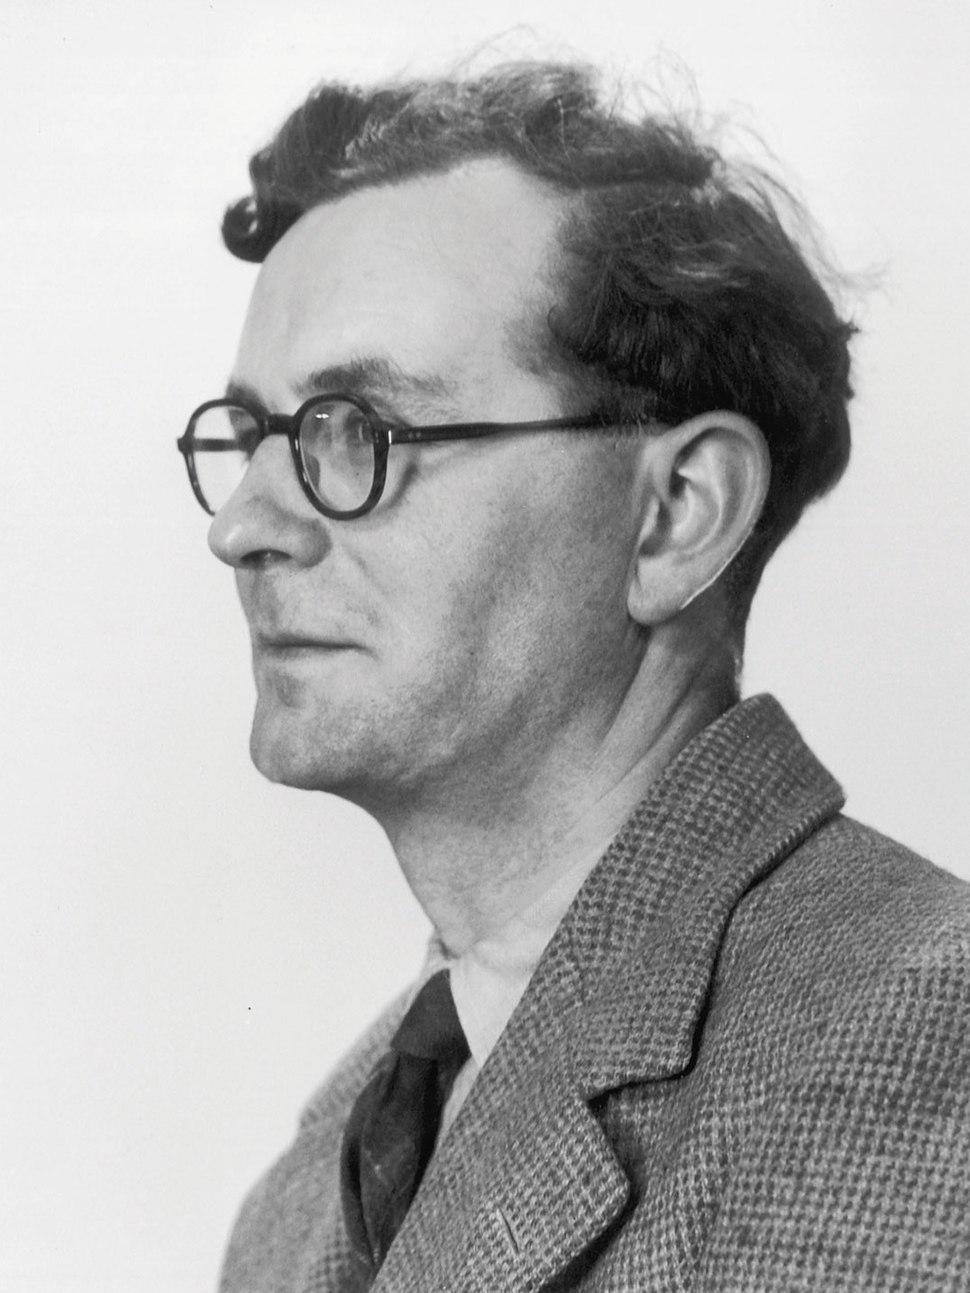 Rodney Robert Porter